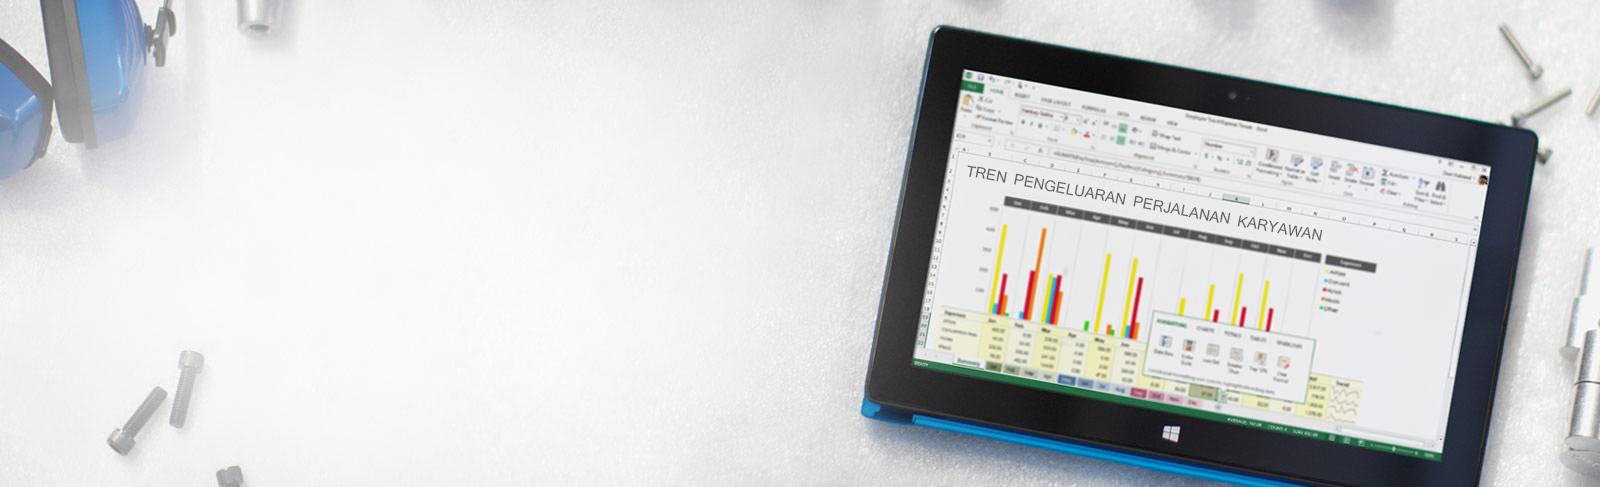 Office 365—alat bisnis yang bisa diandalkan. Kapan saja. Di mana saja.